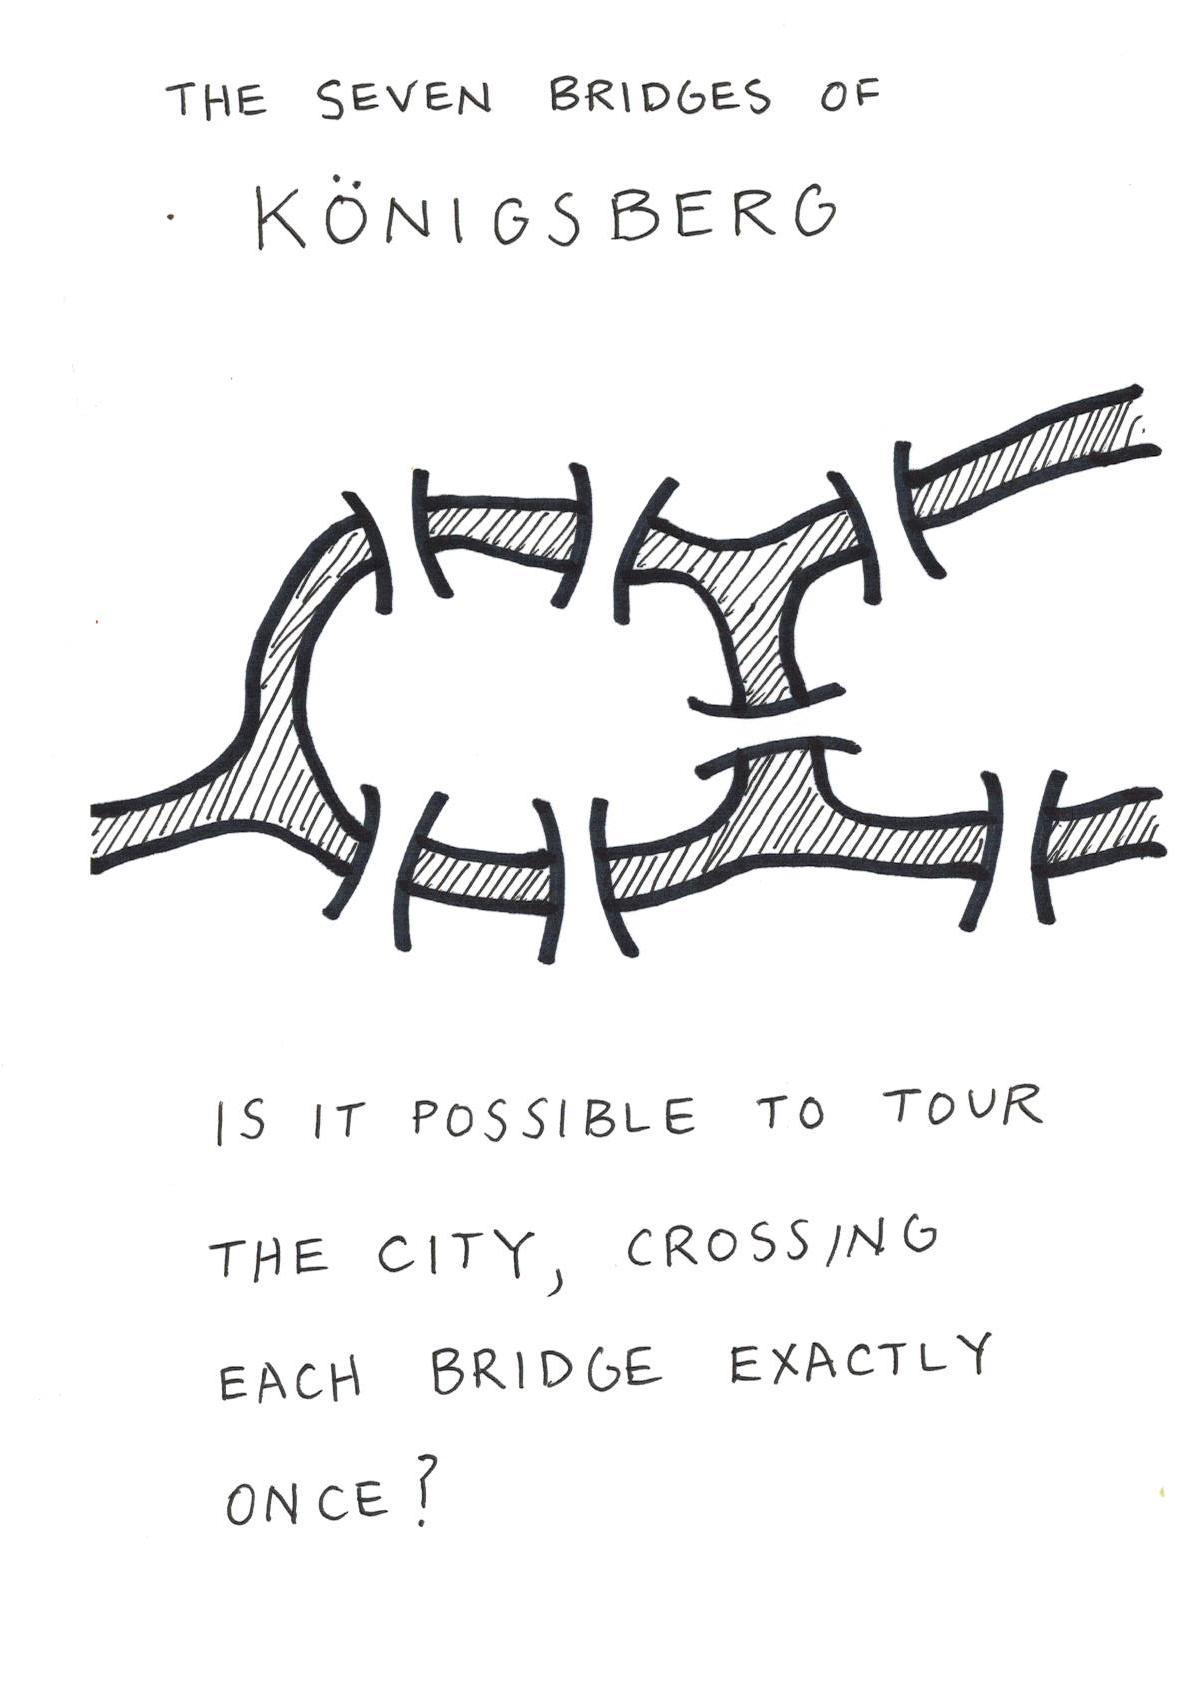 Bridges Of Konigsberg